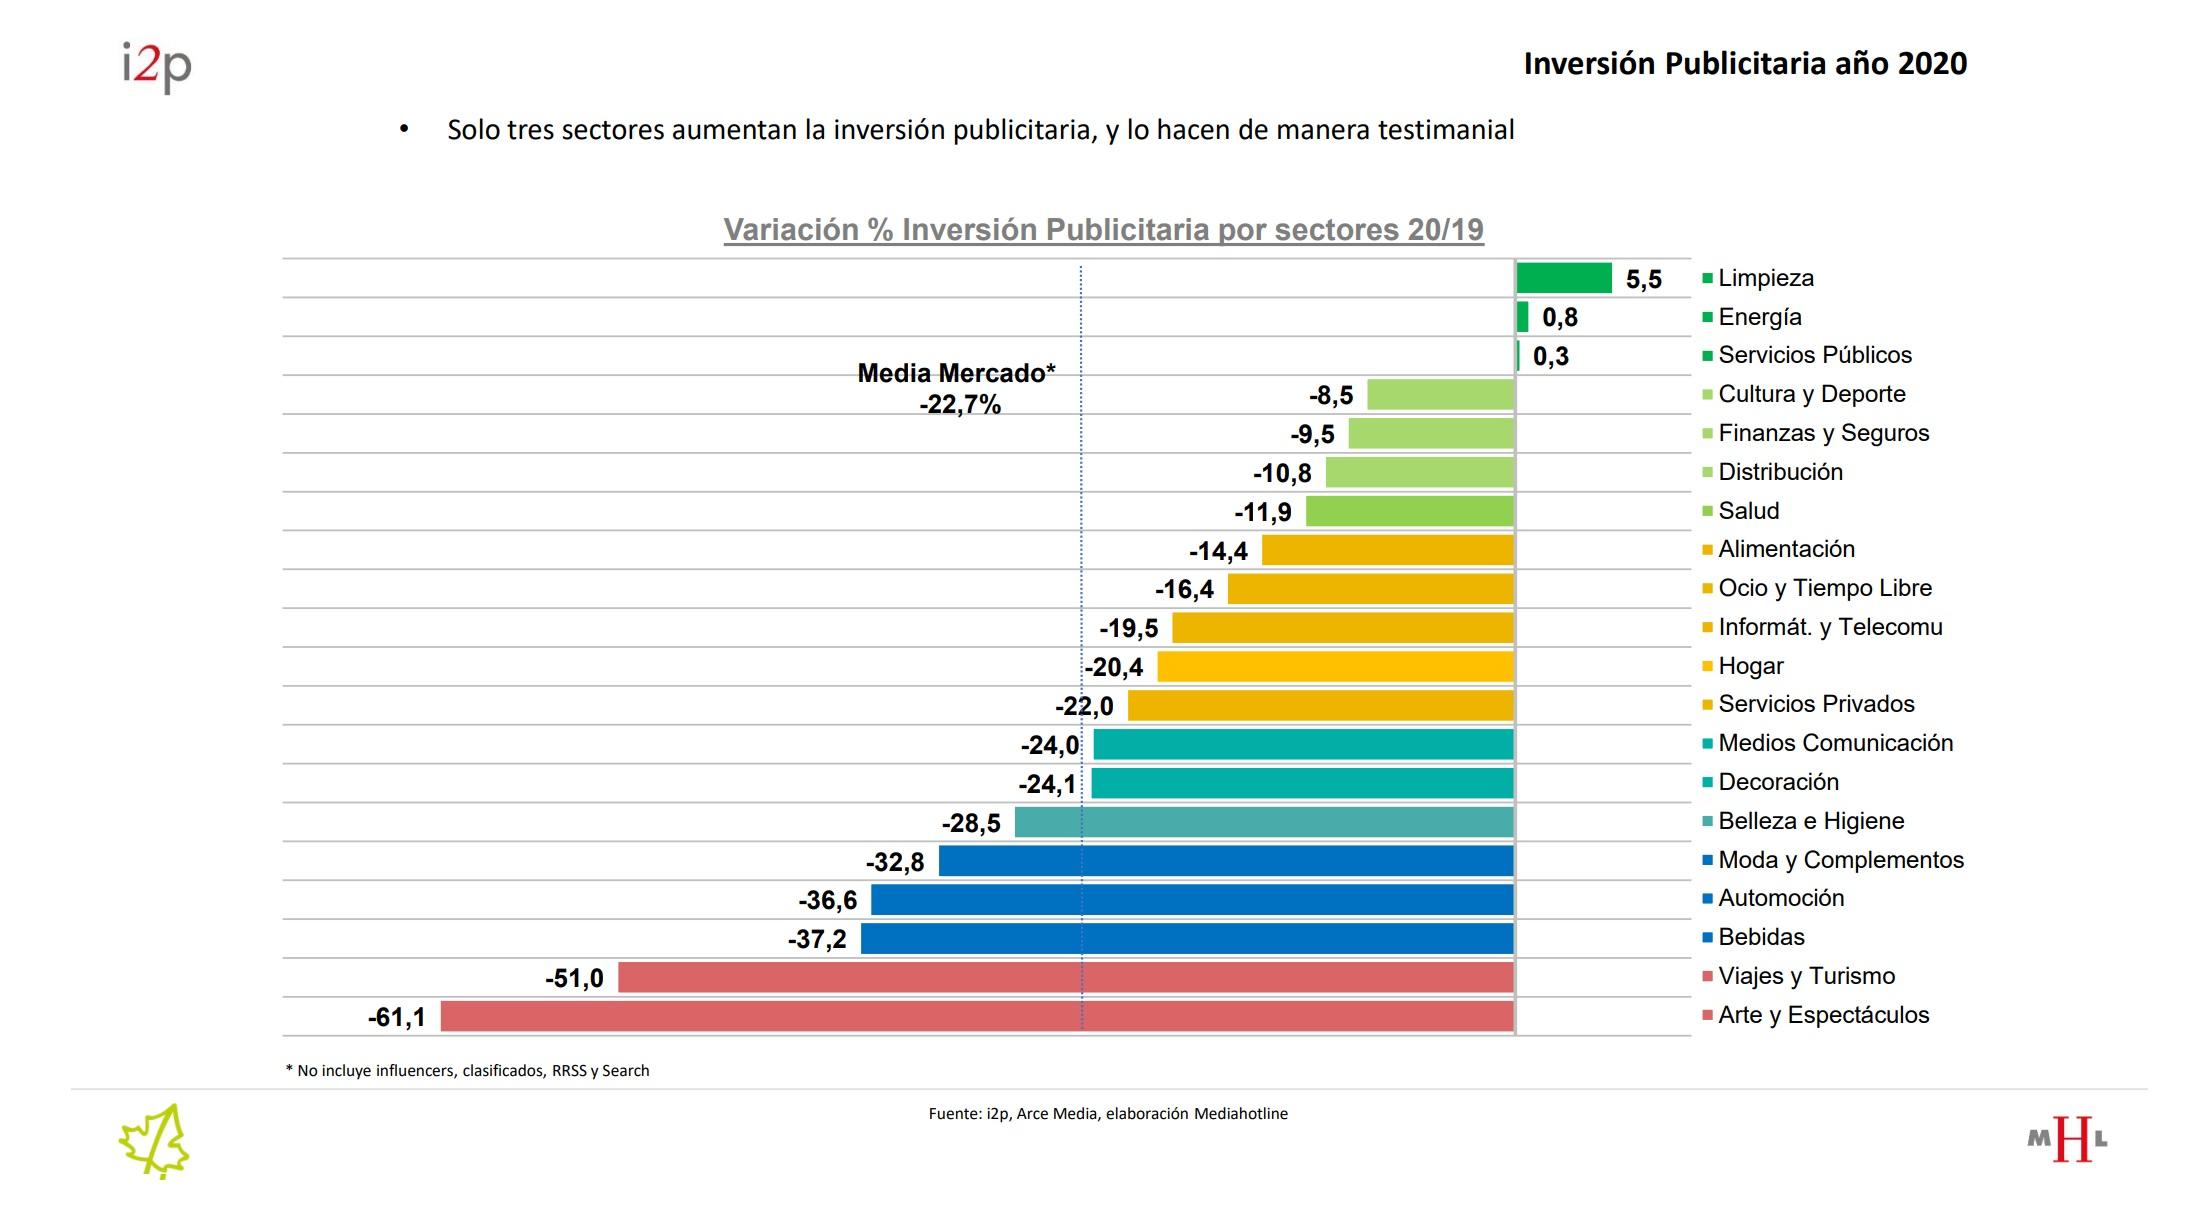 https://www.programapublicidad.com/wp-content/uploads/2021/02/i2p-arce-media-audista-Índice-variacion-Inversión-Publicitaria-Año-2020-mercado-audiovisual-limpieza-energía-servicios-públicos-programapublicidad.jpg